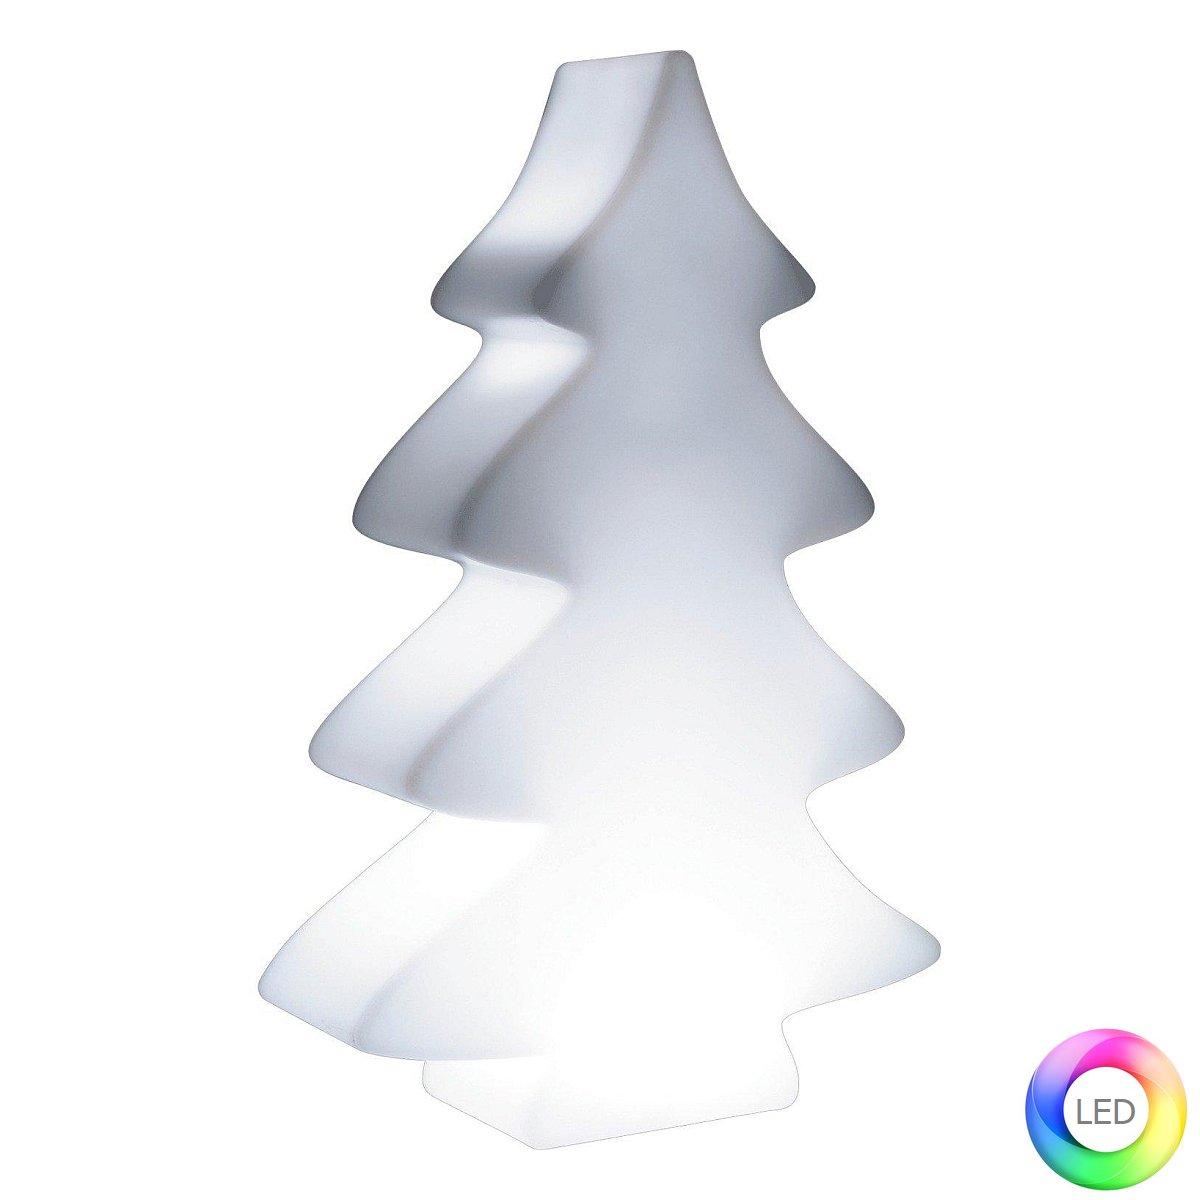 LUMENIO LED Weihnachtsbaum 115 cm Maxi, beleuchtet, Gehäuse weiß